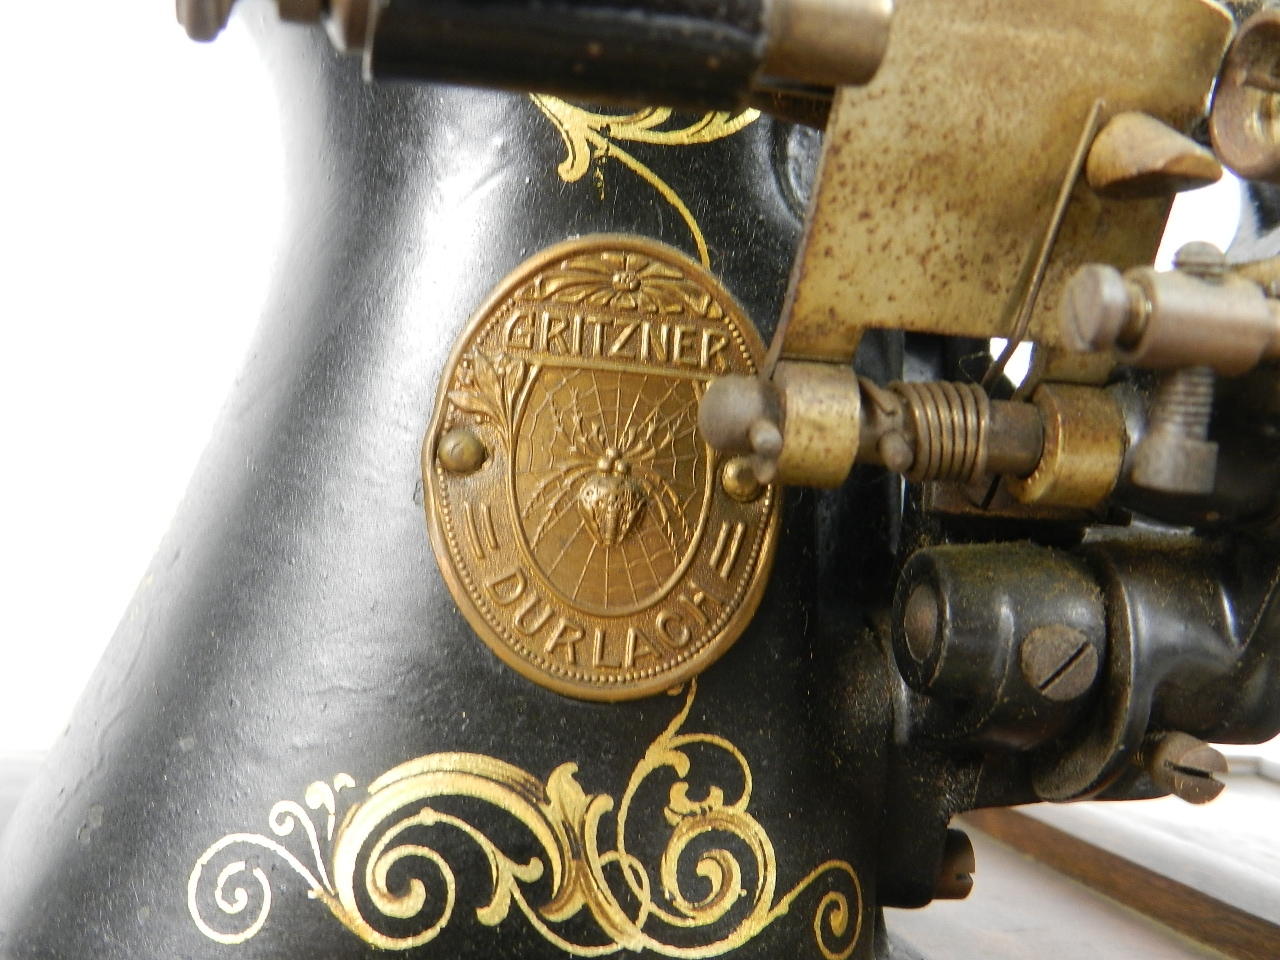 Imagen GRITZNER AÑO 1915 40509